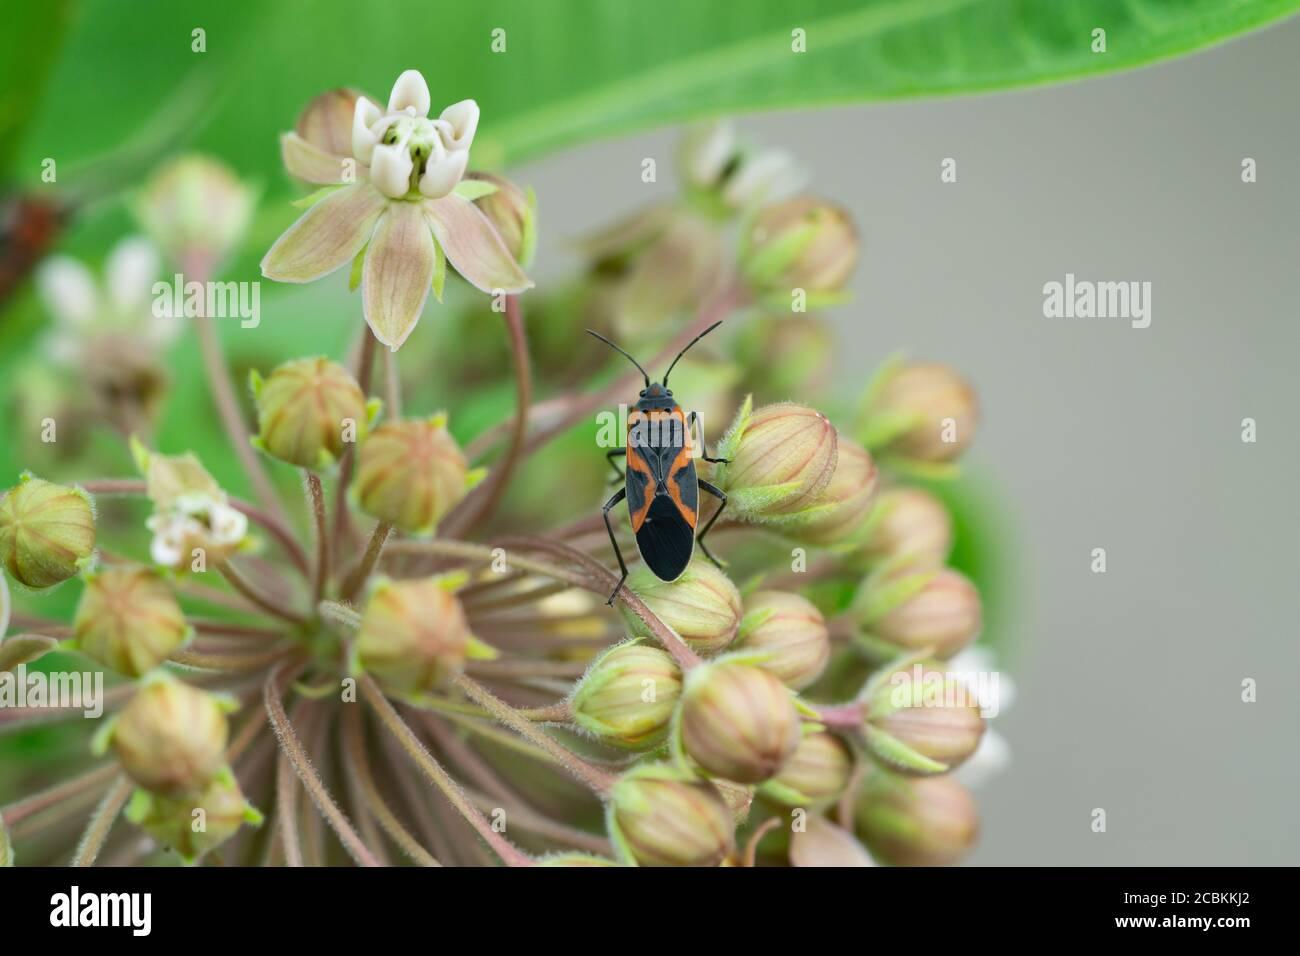 Eastern Small Milkweed Bug on Milkweed Flowers Stock Photo